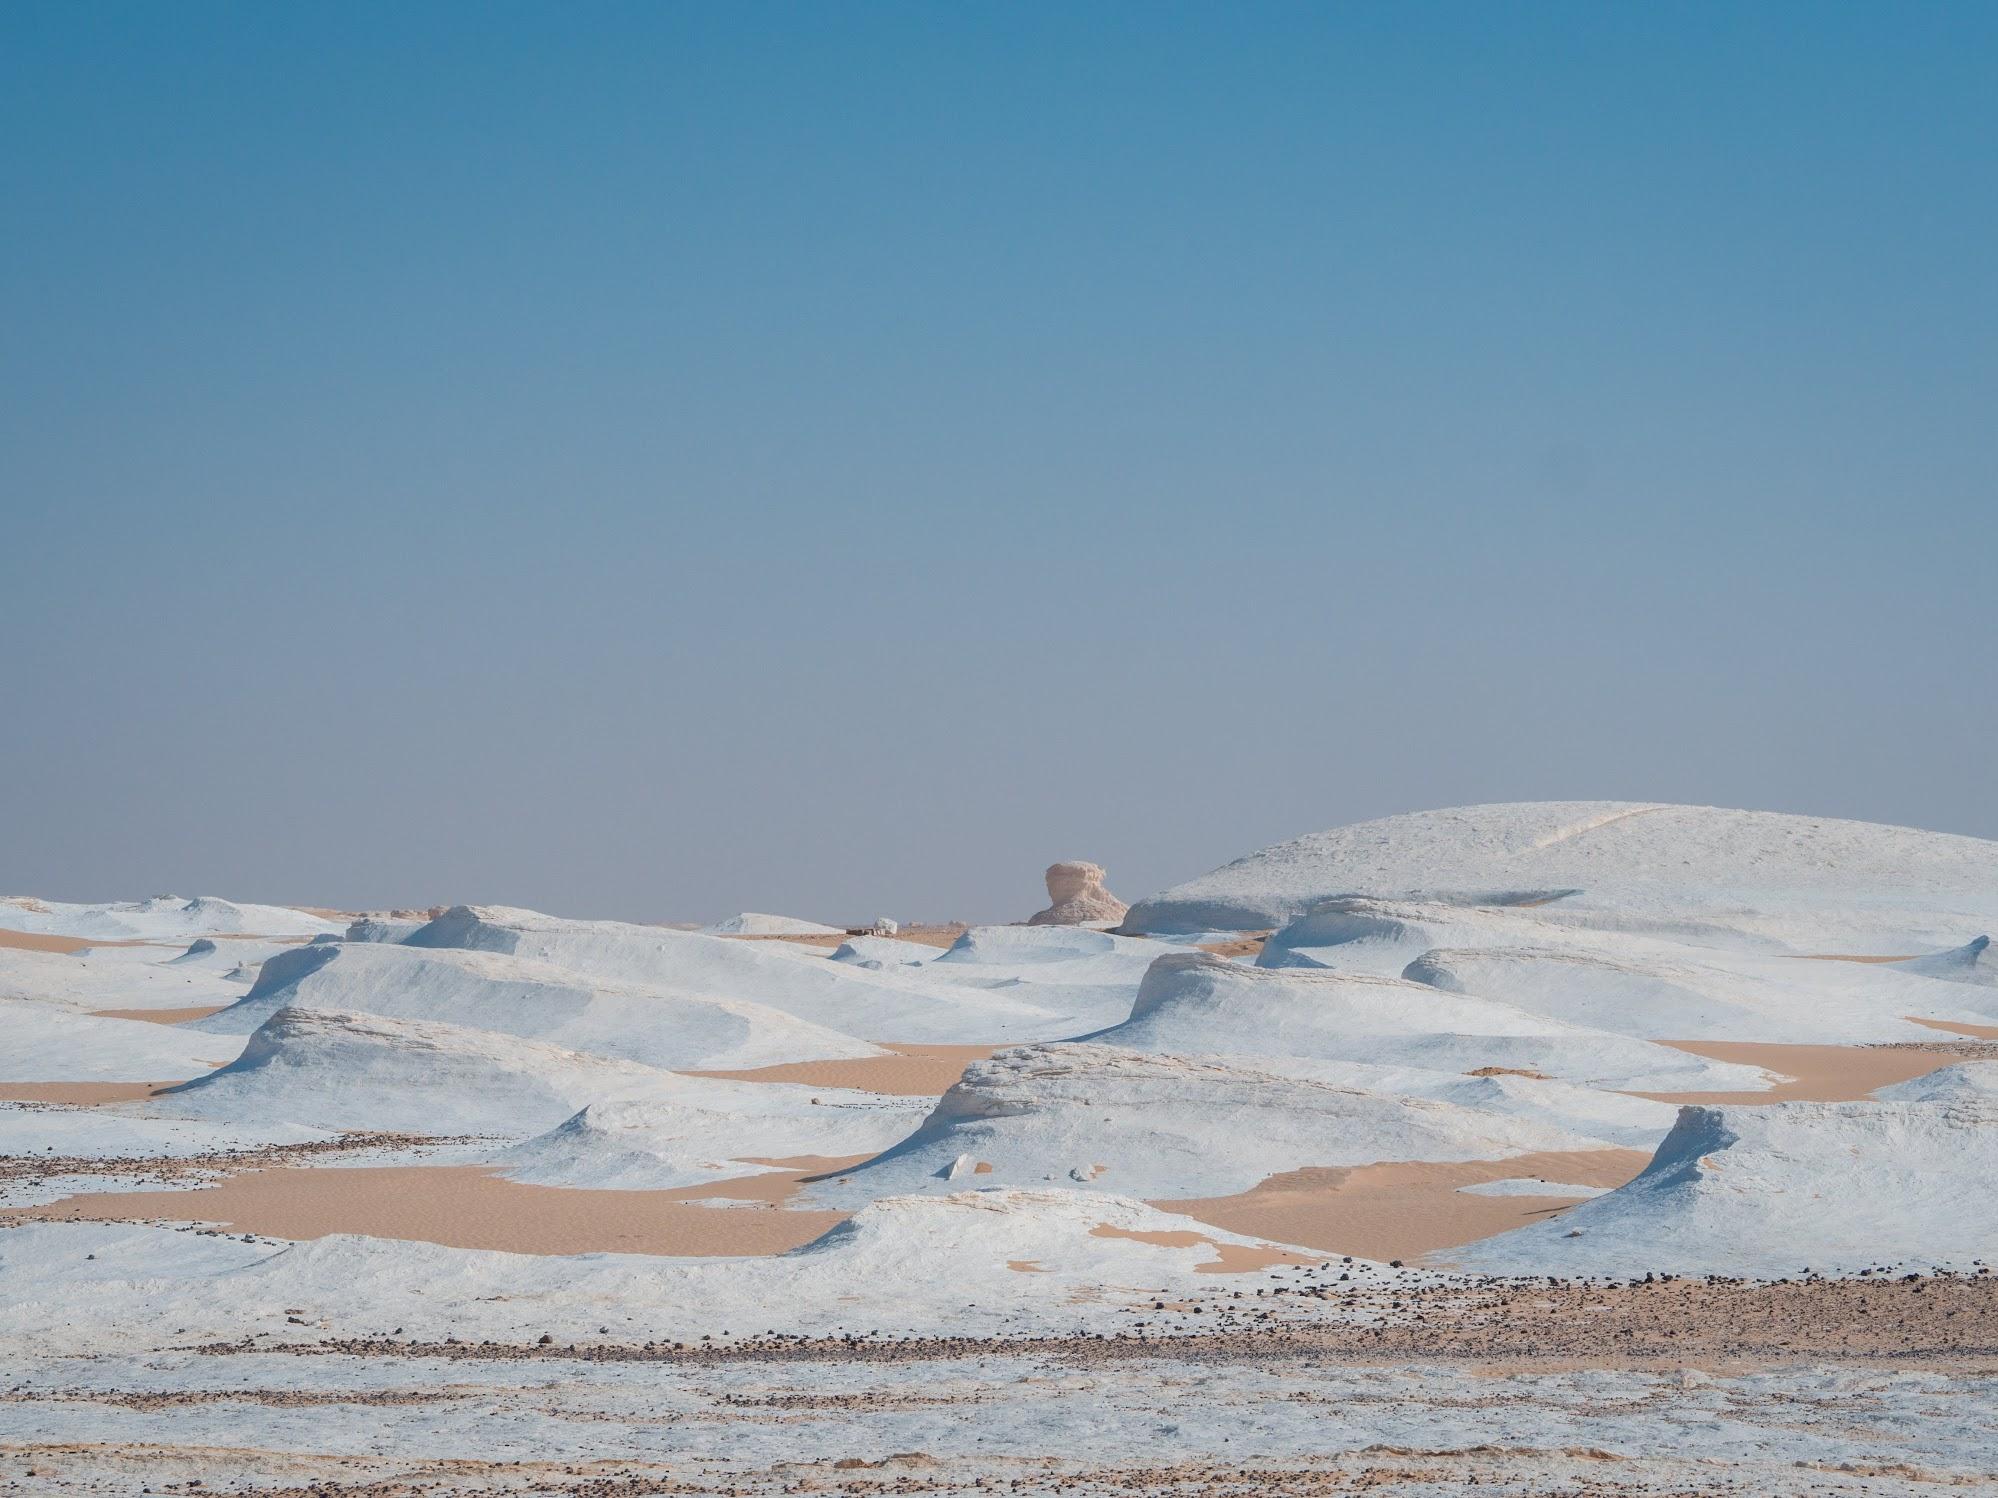 White Desert near Bahariya Oasis, Egypt